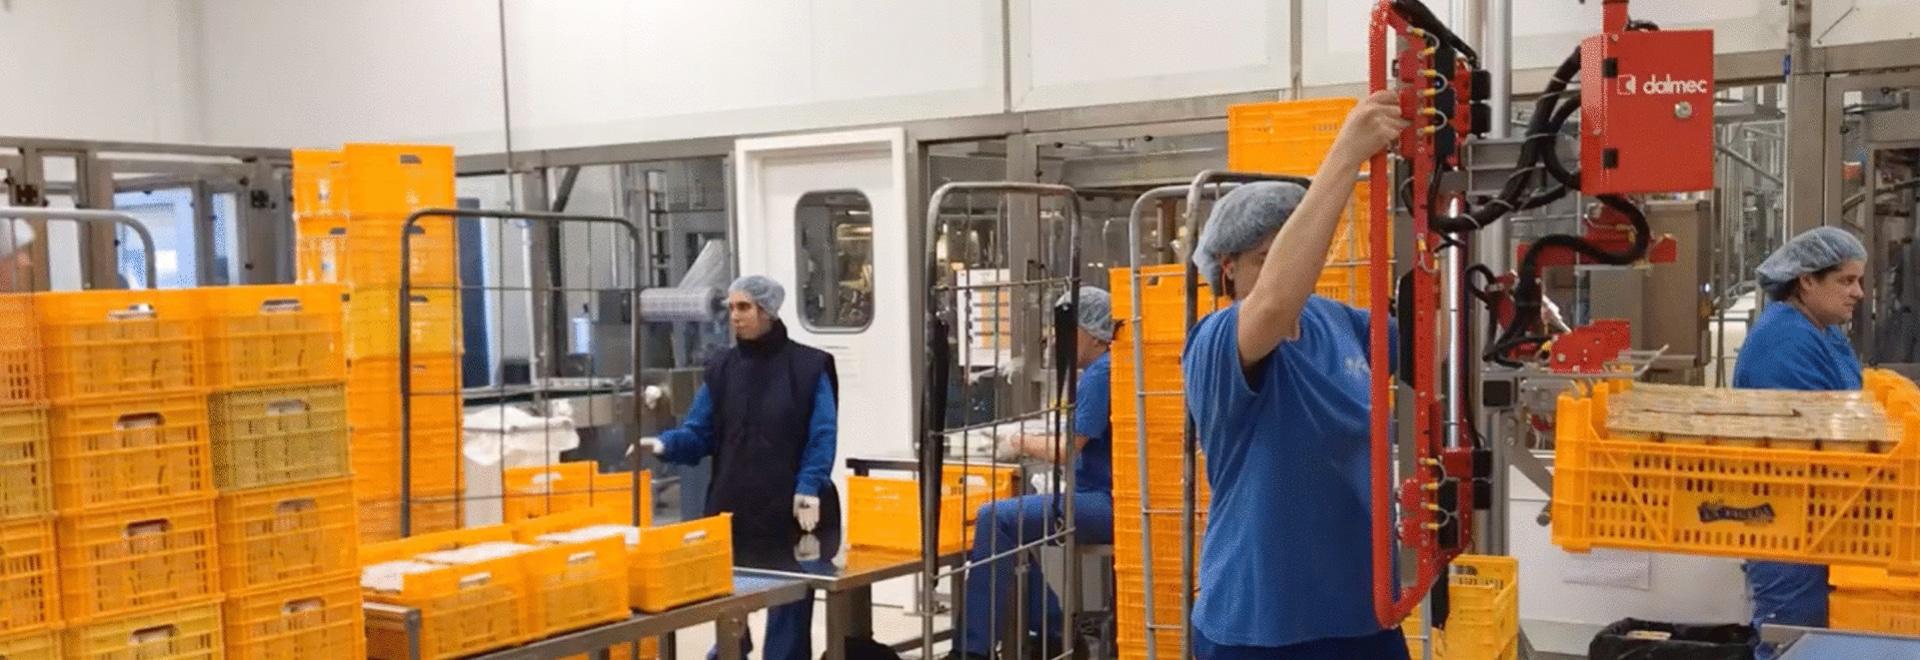 Manipuladores Industriales Partner Equo para contenedores de plastico